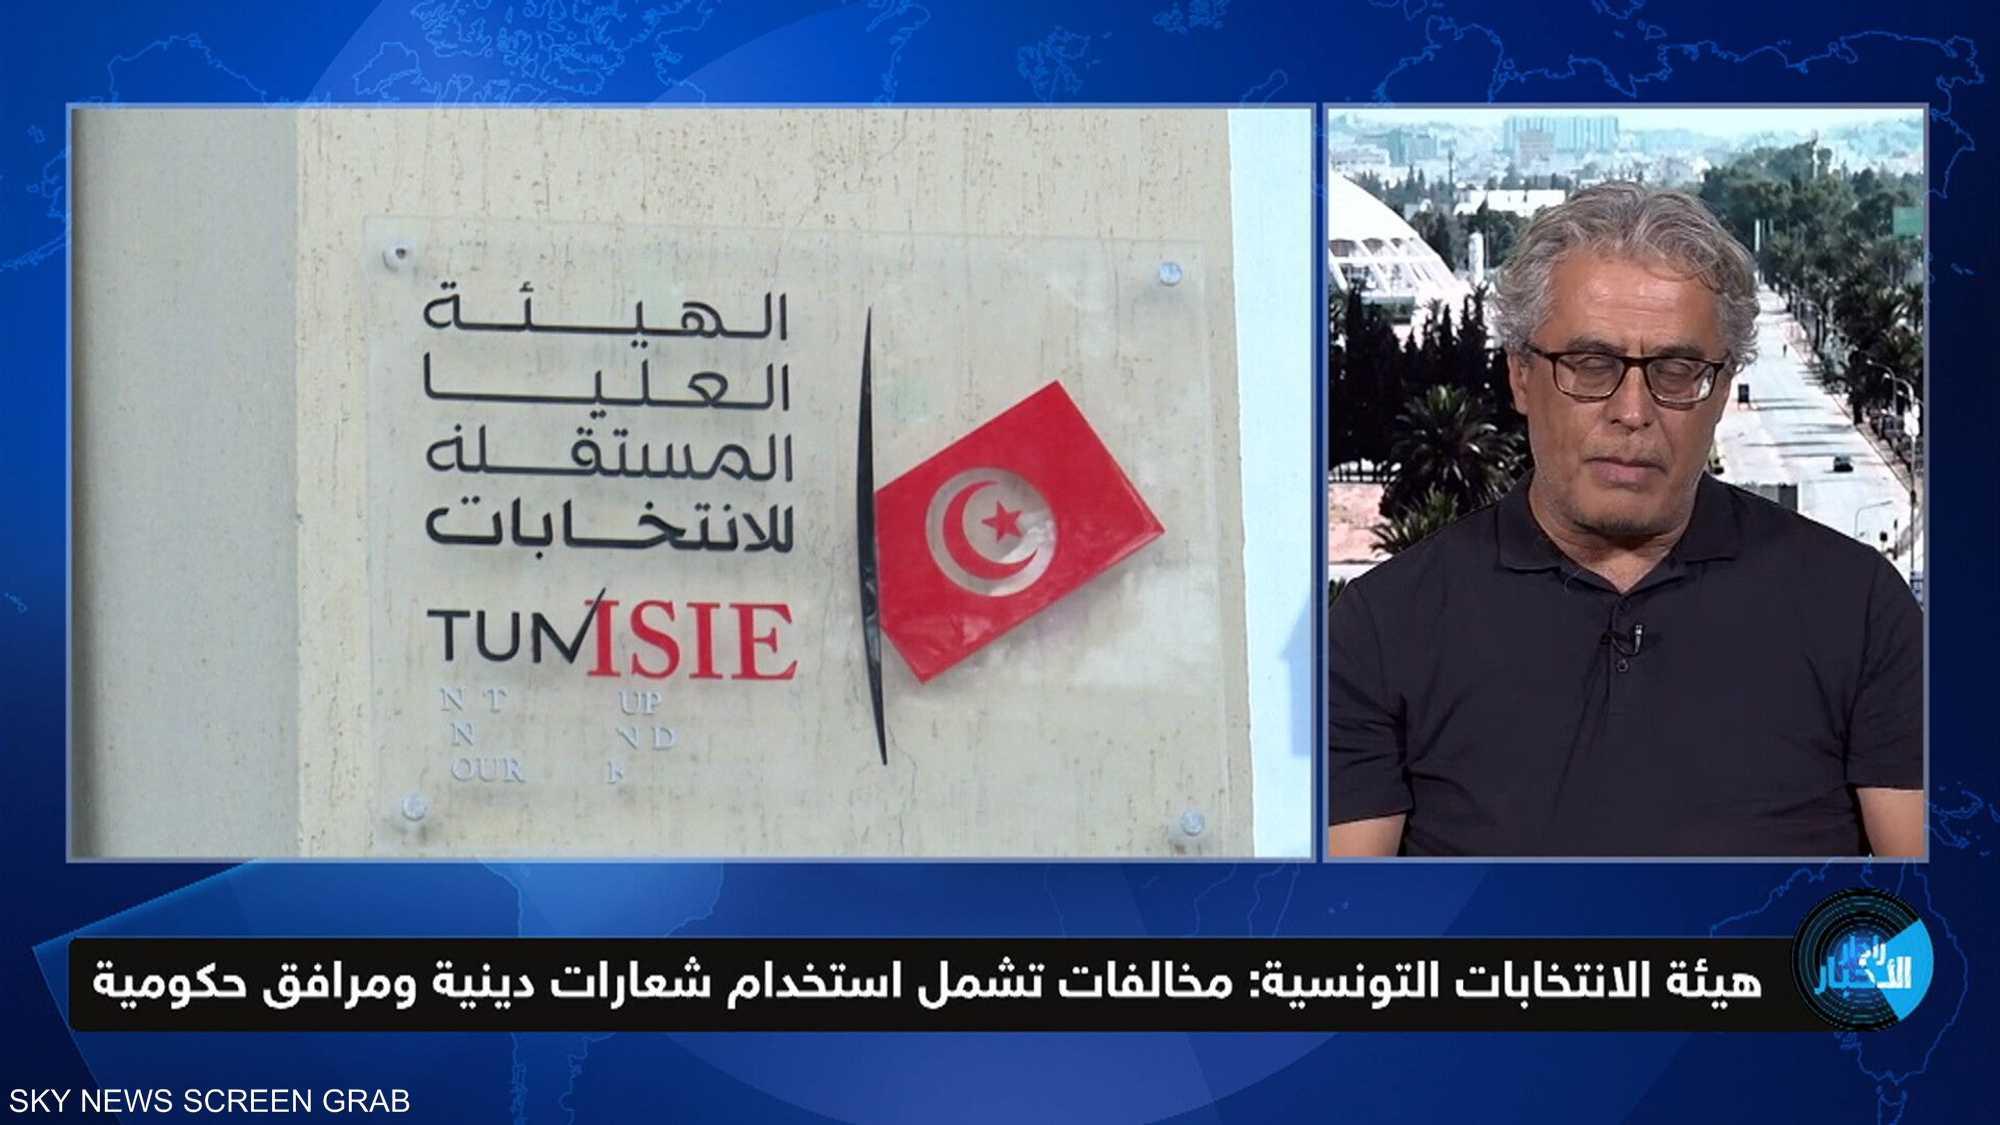 هيئة الانتخابات التونسية: مخالفات تشمل استخدام شعارات دينية